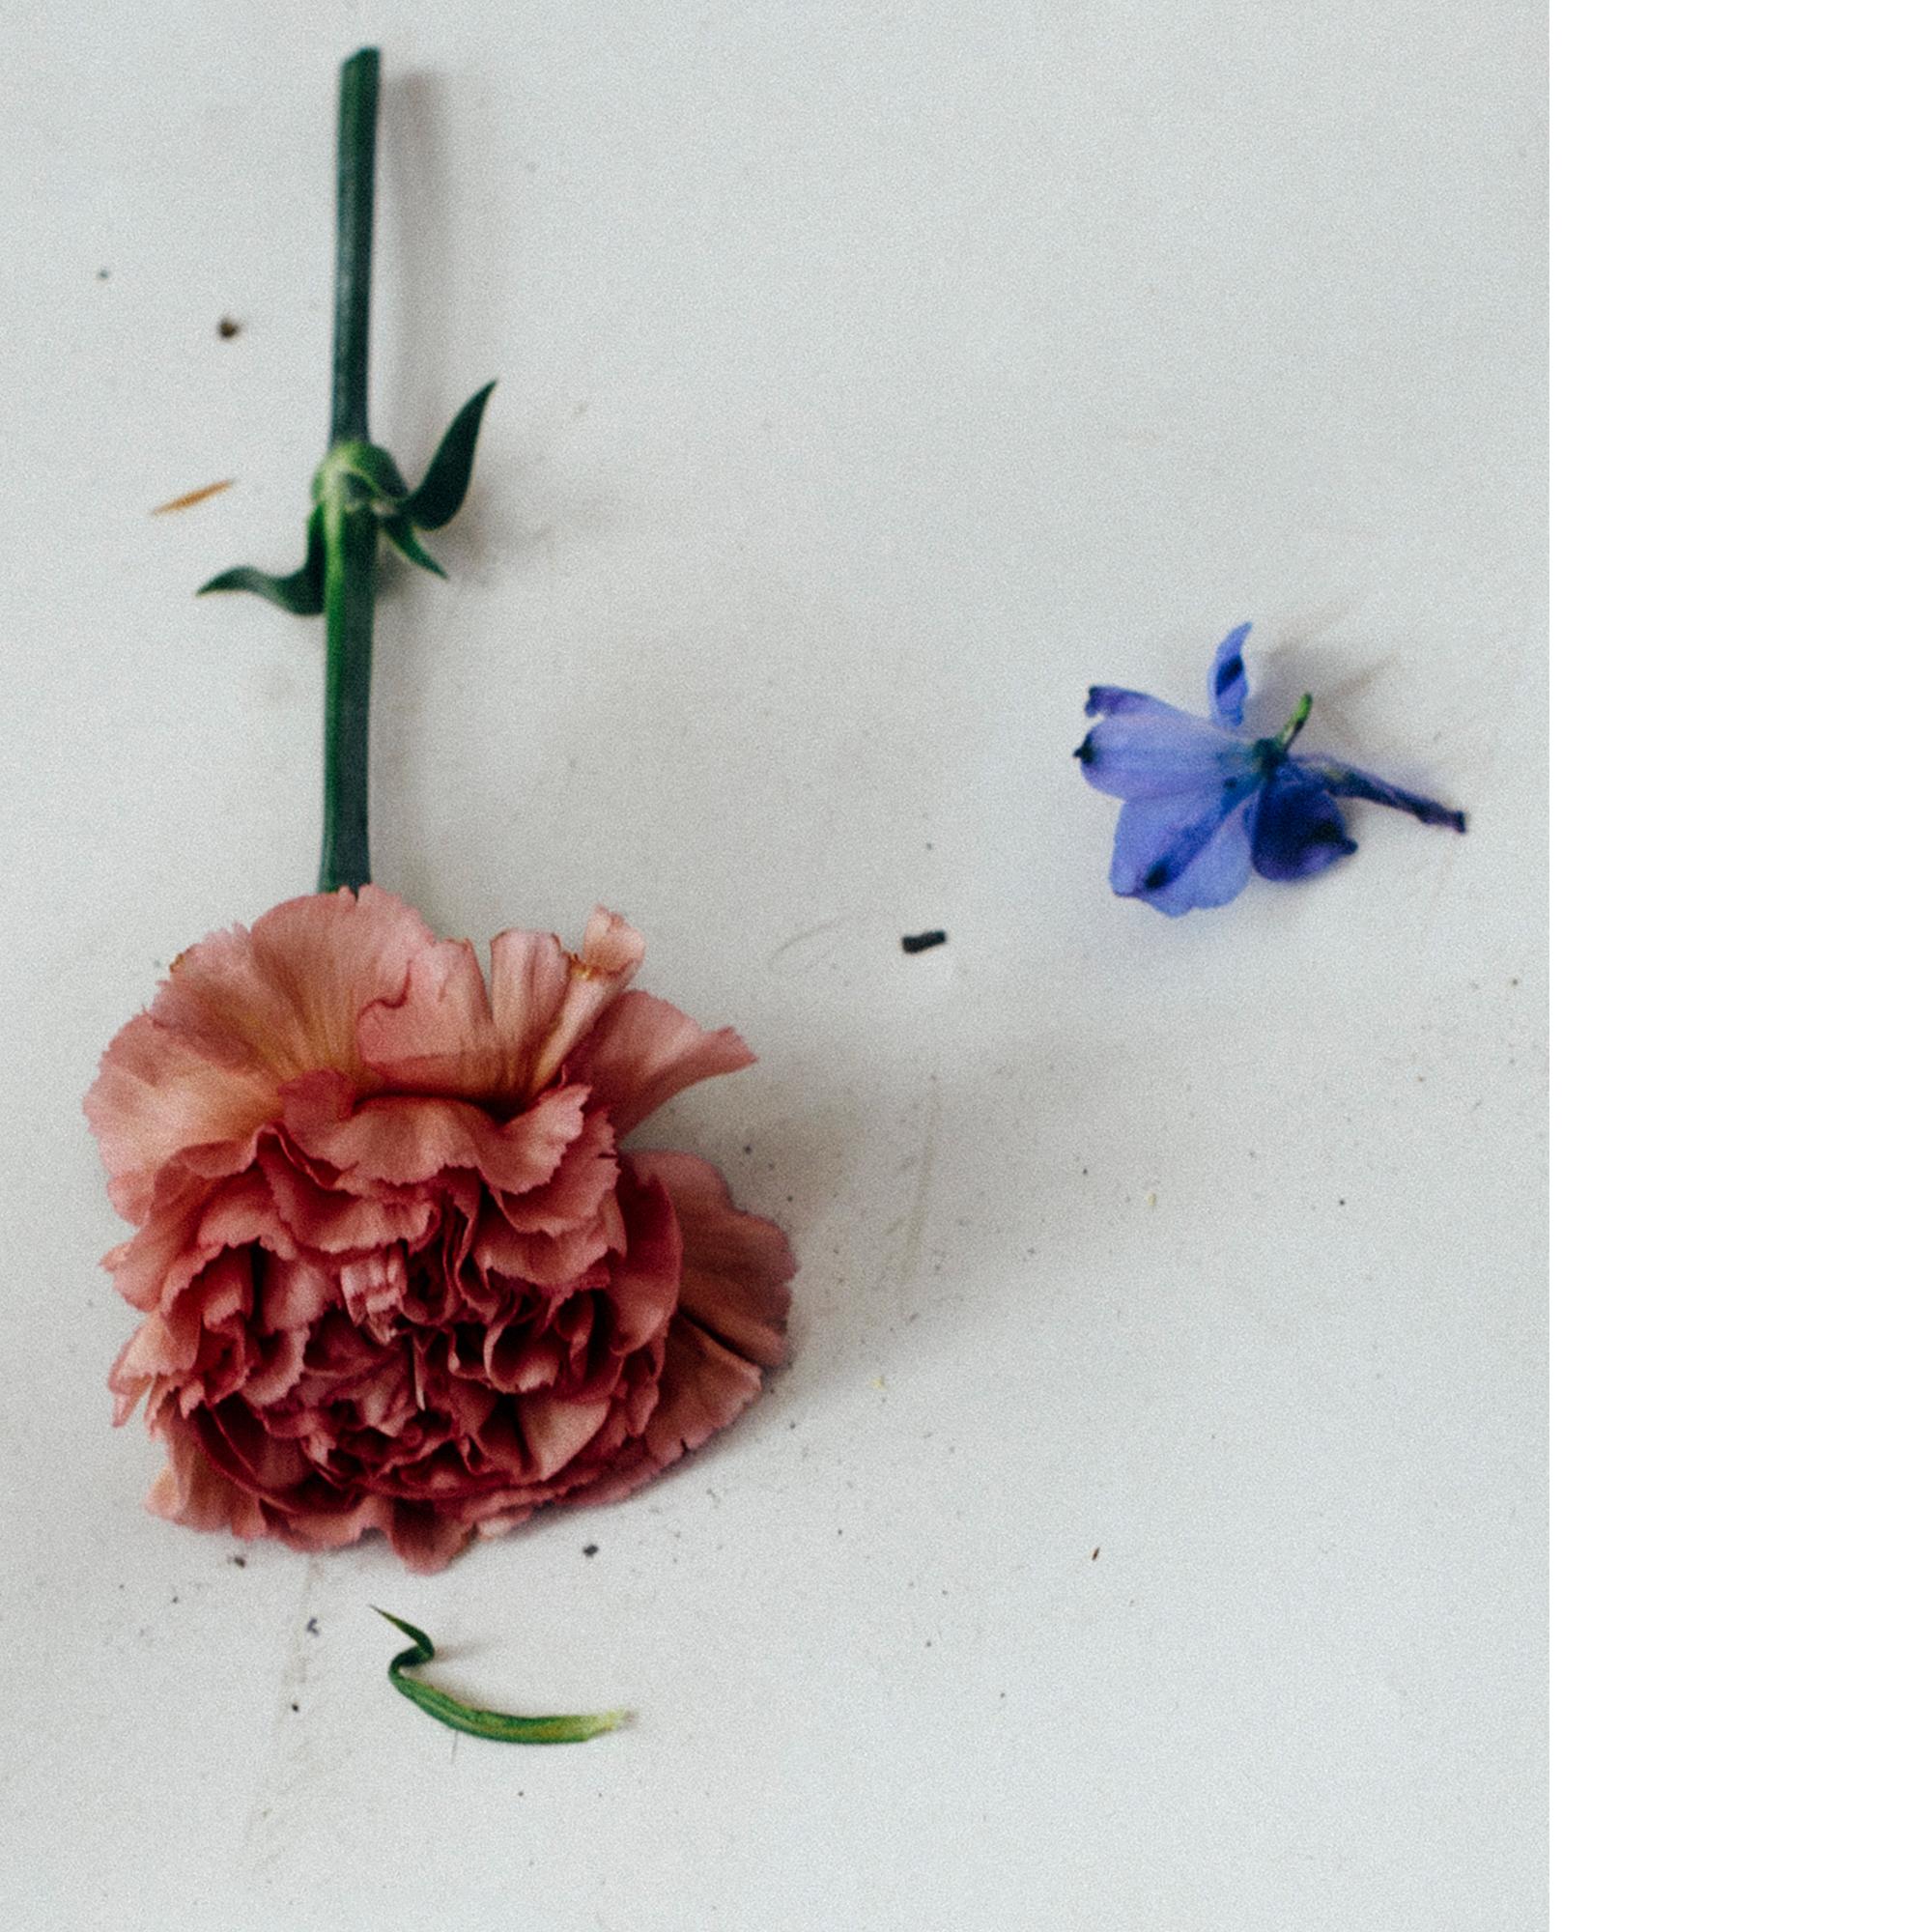 flora-01-Atmosphere.jpg